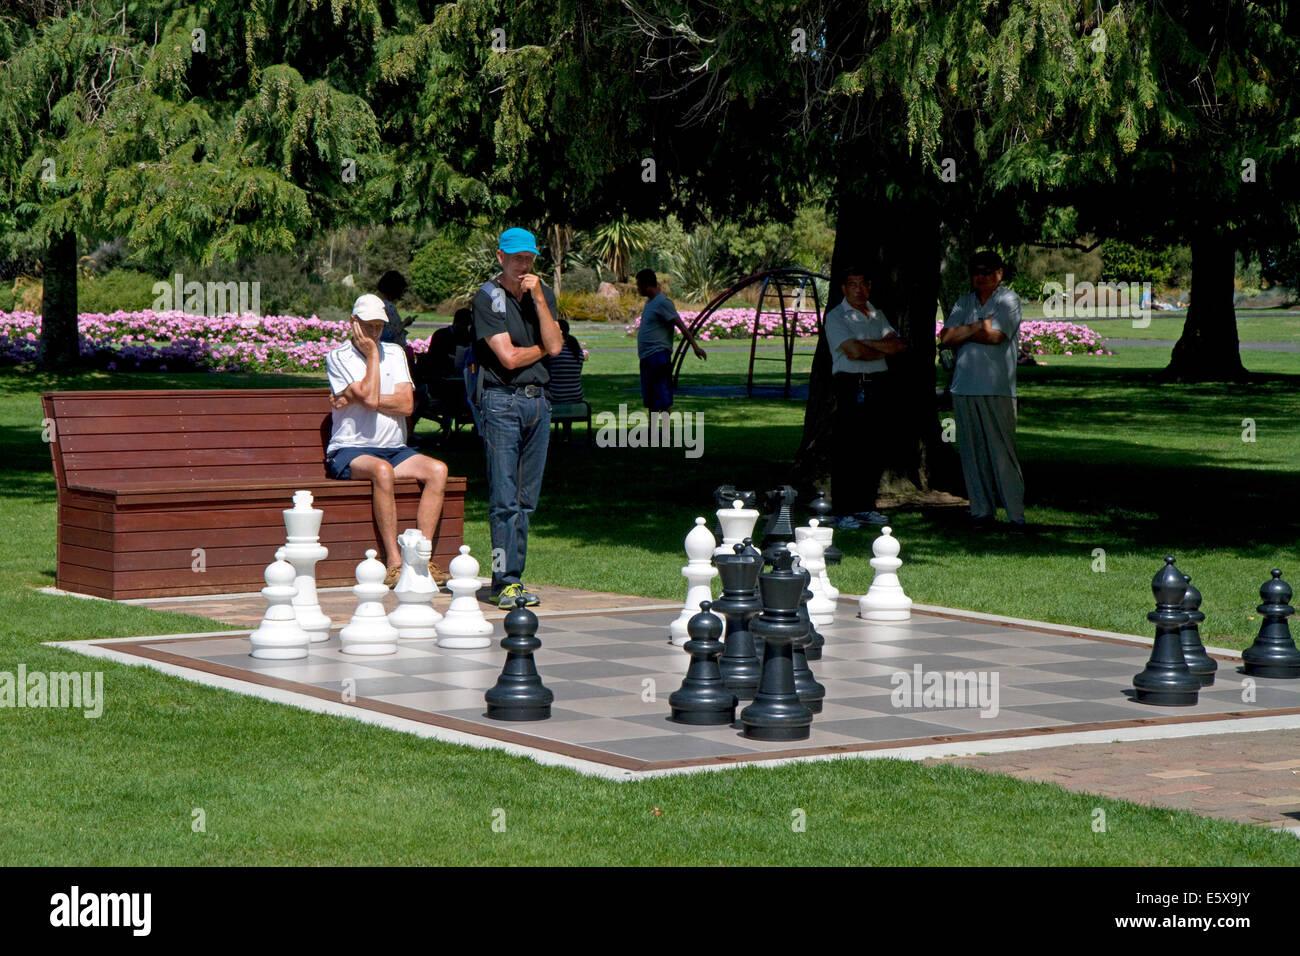 Jeu d'échecs en plein air dans un parc à Taupo dans la région de Waikato, Nouvelle-Zélande, île du Nord. Banque D'Images